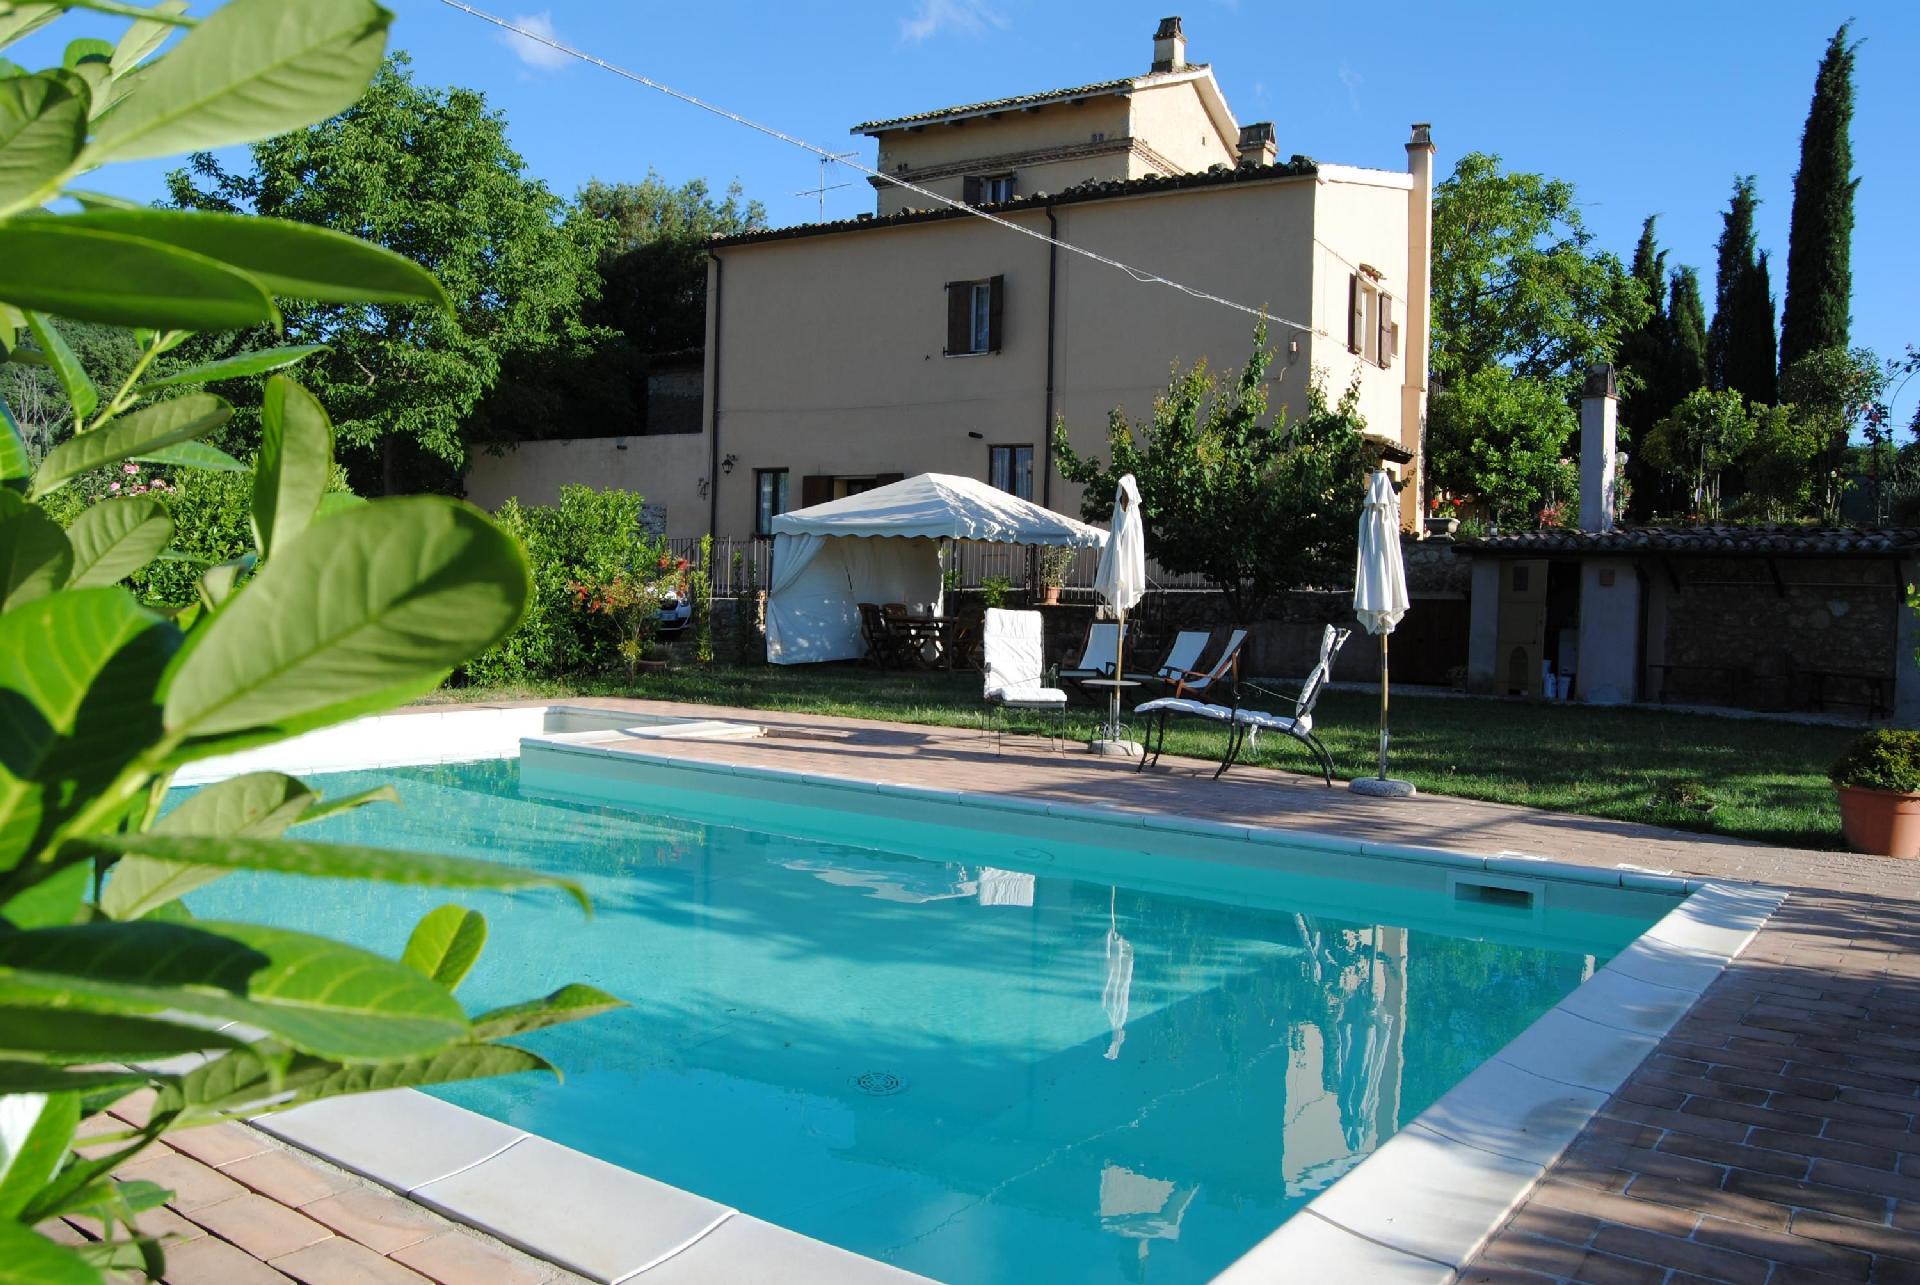 Ferienhaus für 11 Personen  + 2 Kinder ca. 20  in Italien